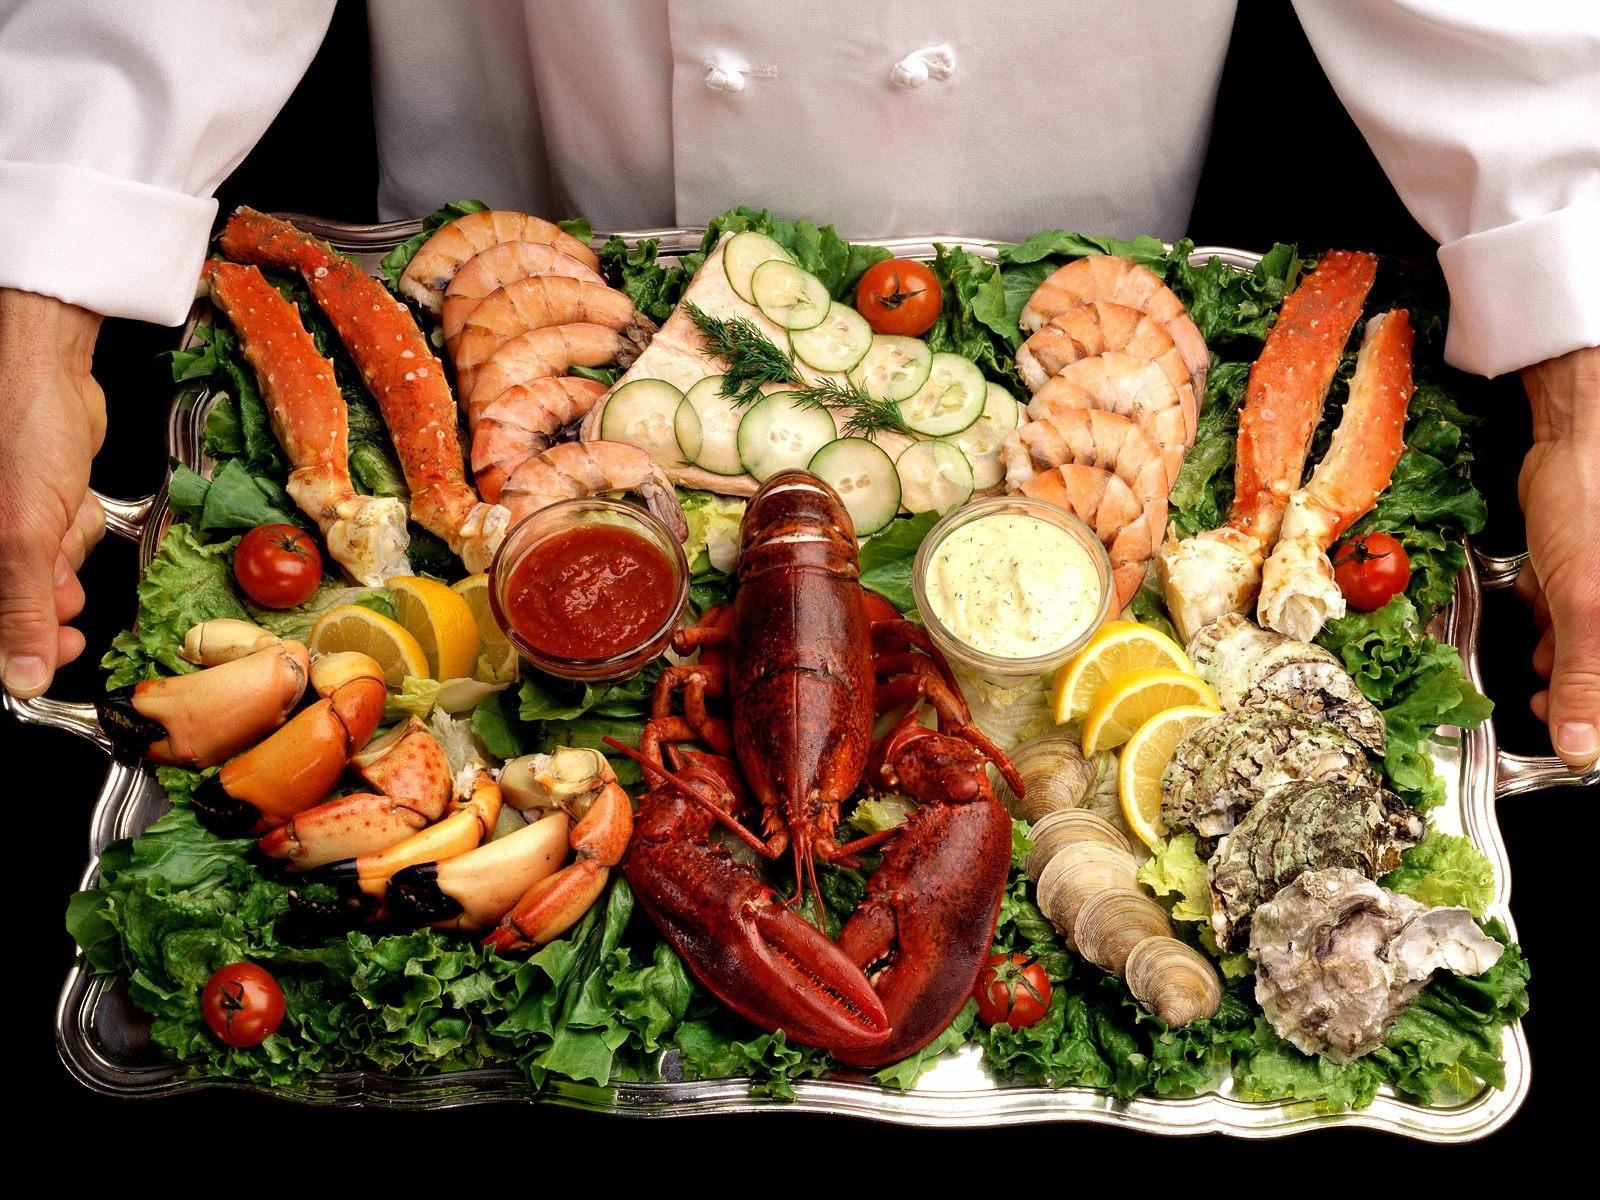 Fondos de pantalla  comida pescado Mariscos almuerzo